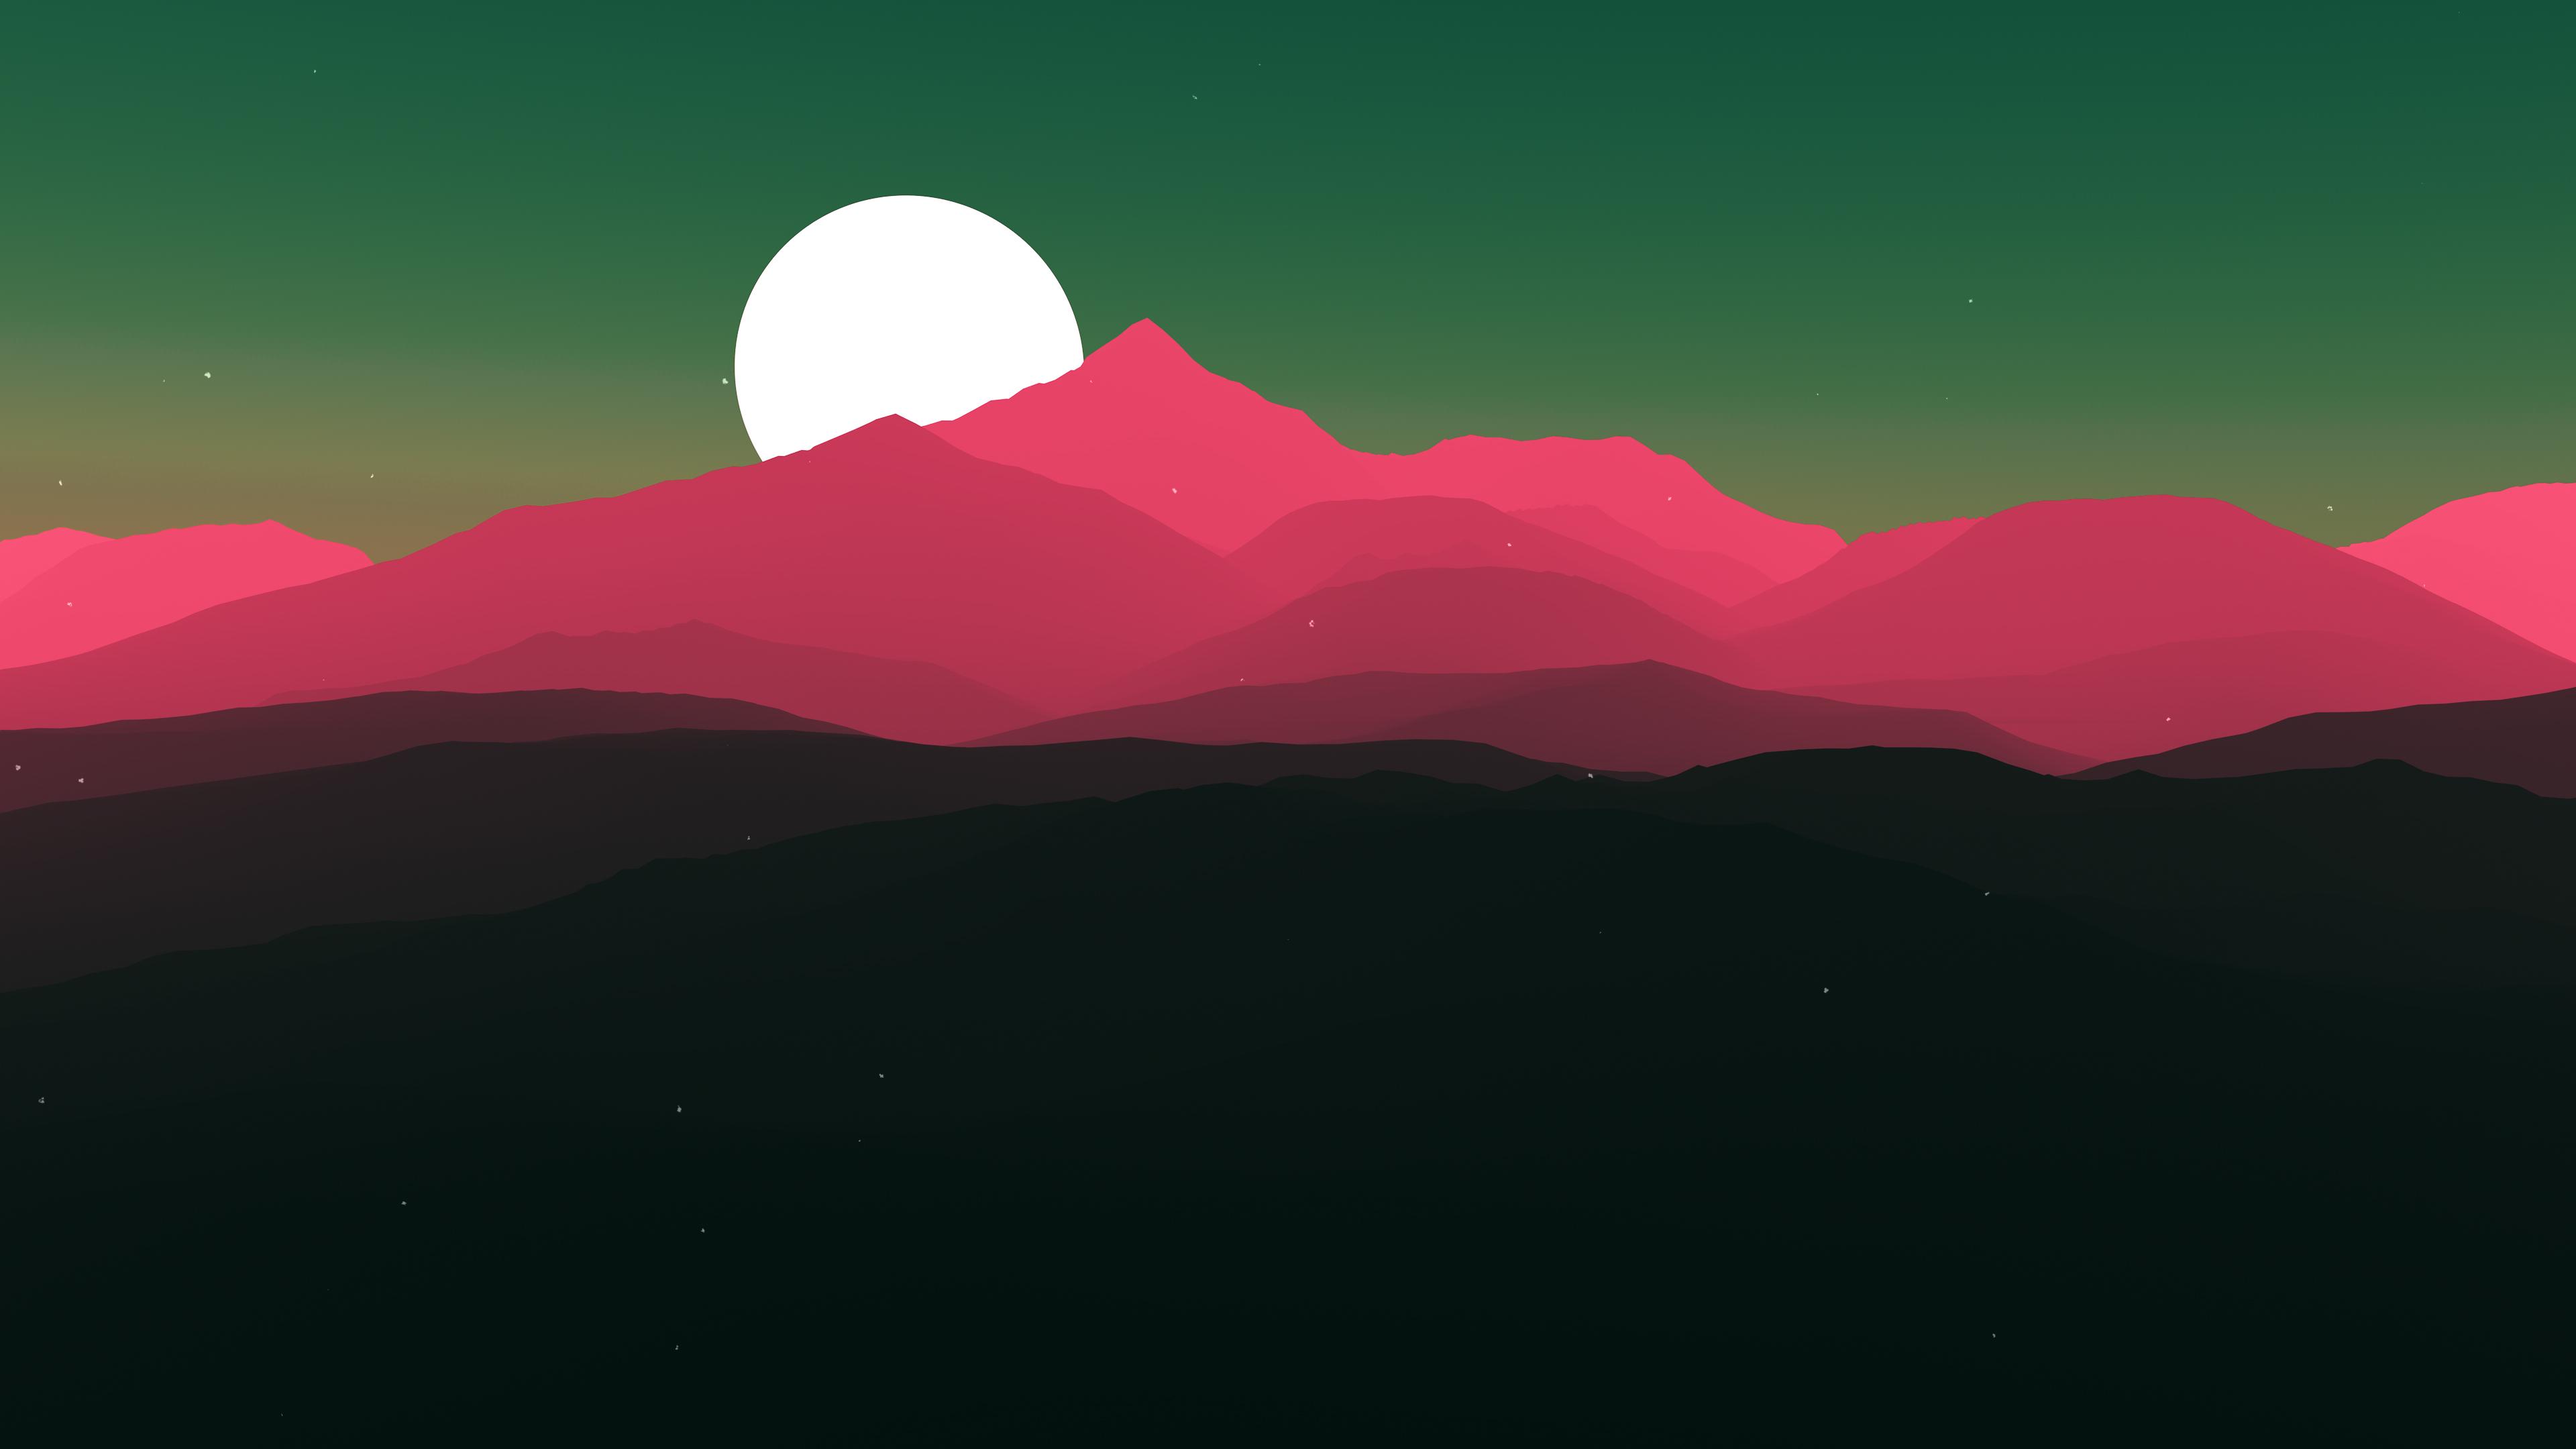 Moon sun минимальное произведение искусства обои скачать